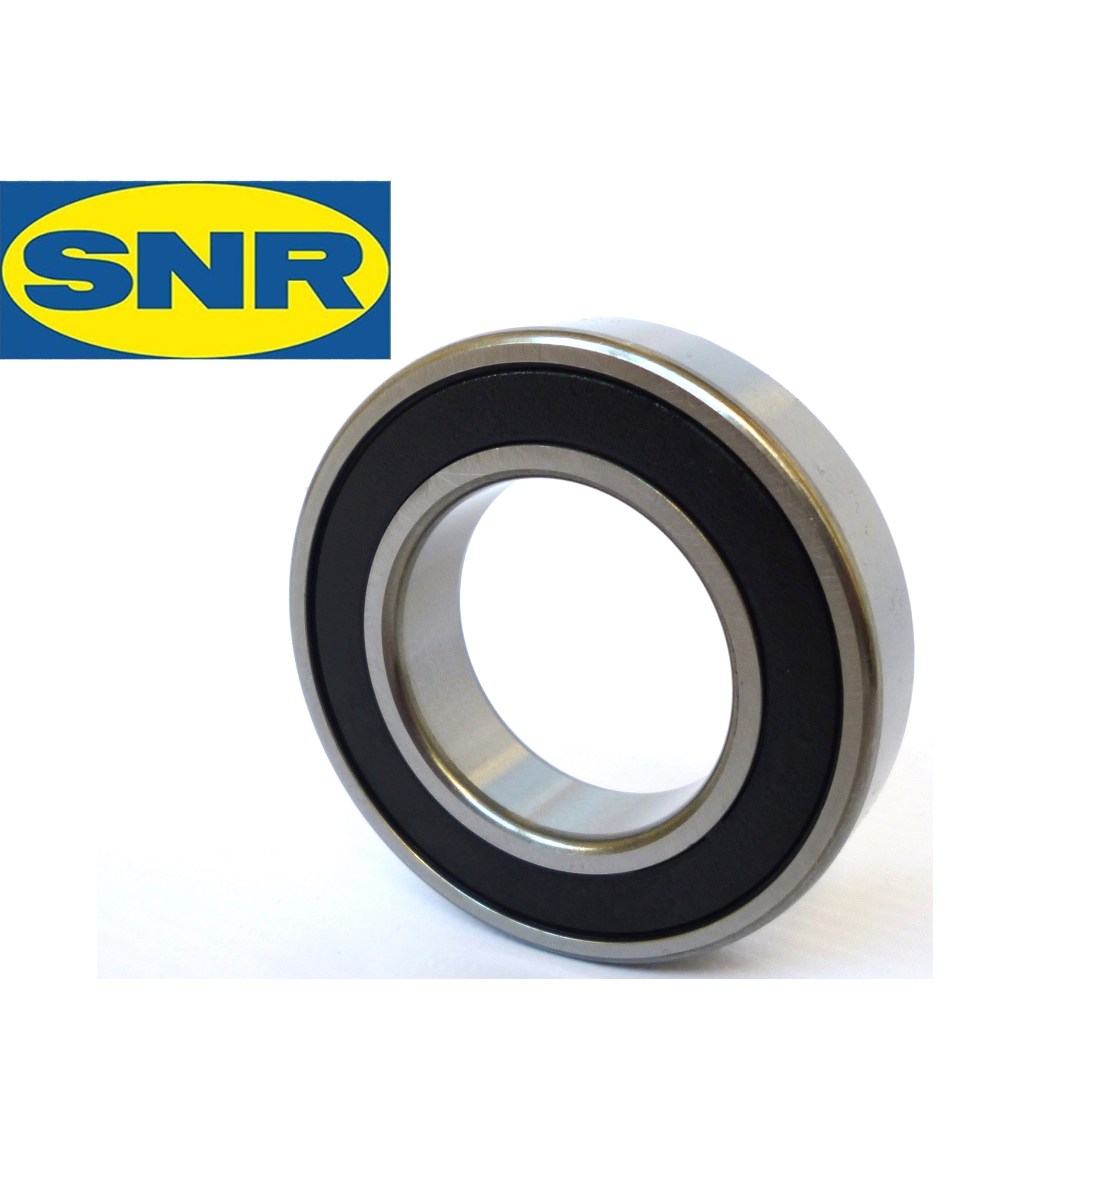 Подшипник правой полуоси на Renault Trafic / Opel Vivaro / Nissan Primastar (2001-2014) SNR (Франция) 6007EEC3